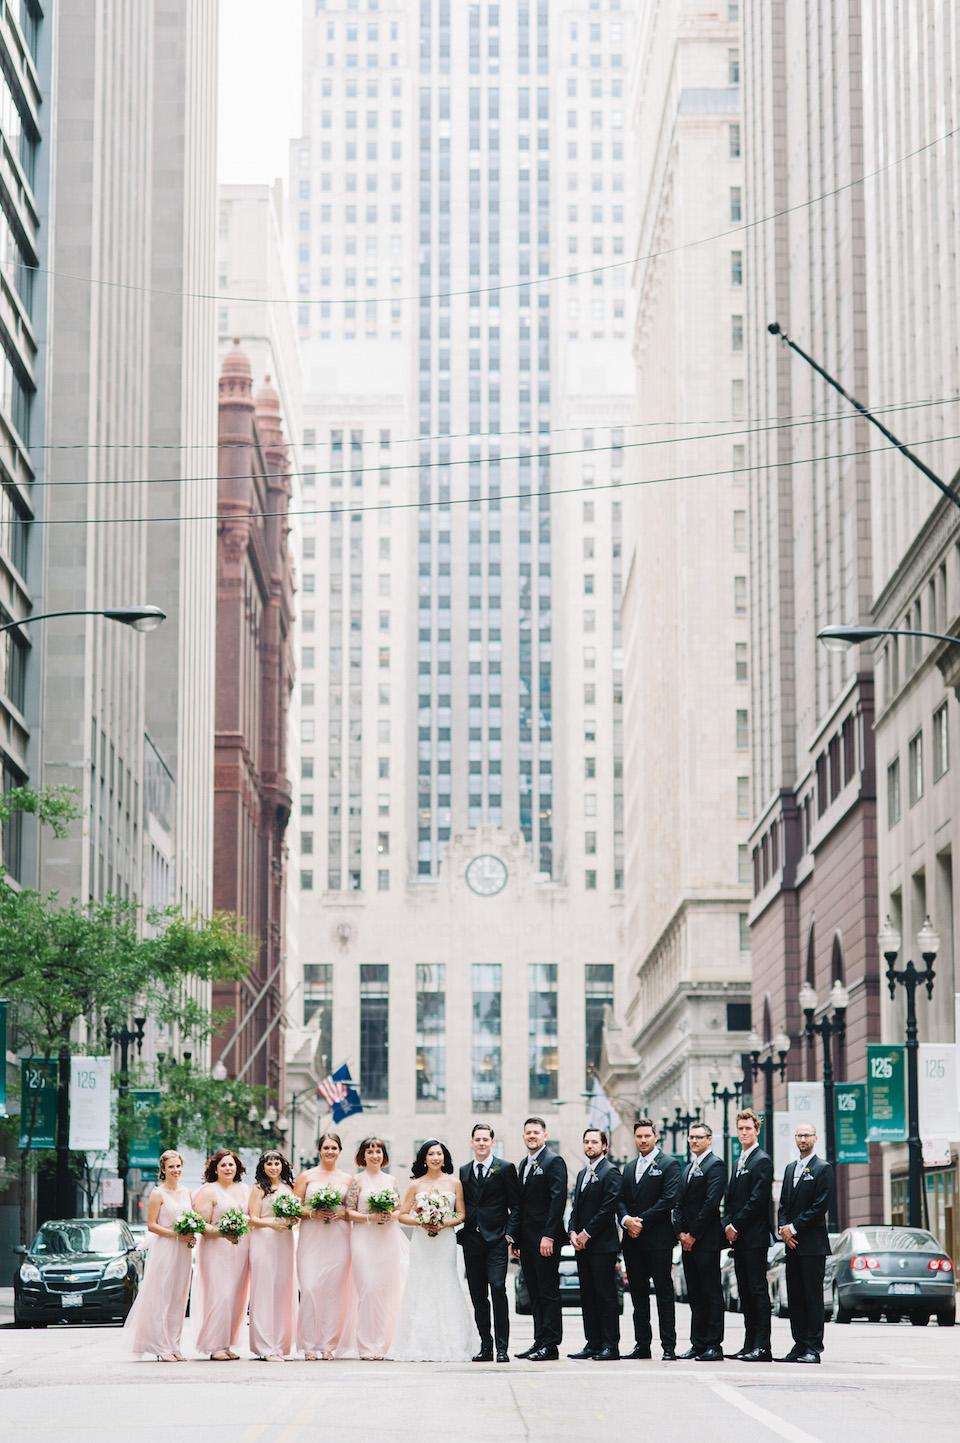 miles-michelle-wedding-150022.jpg